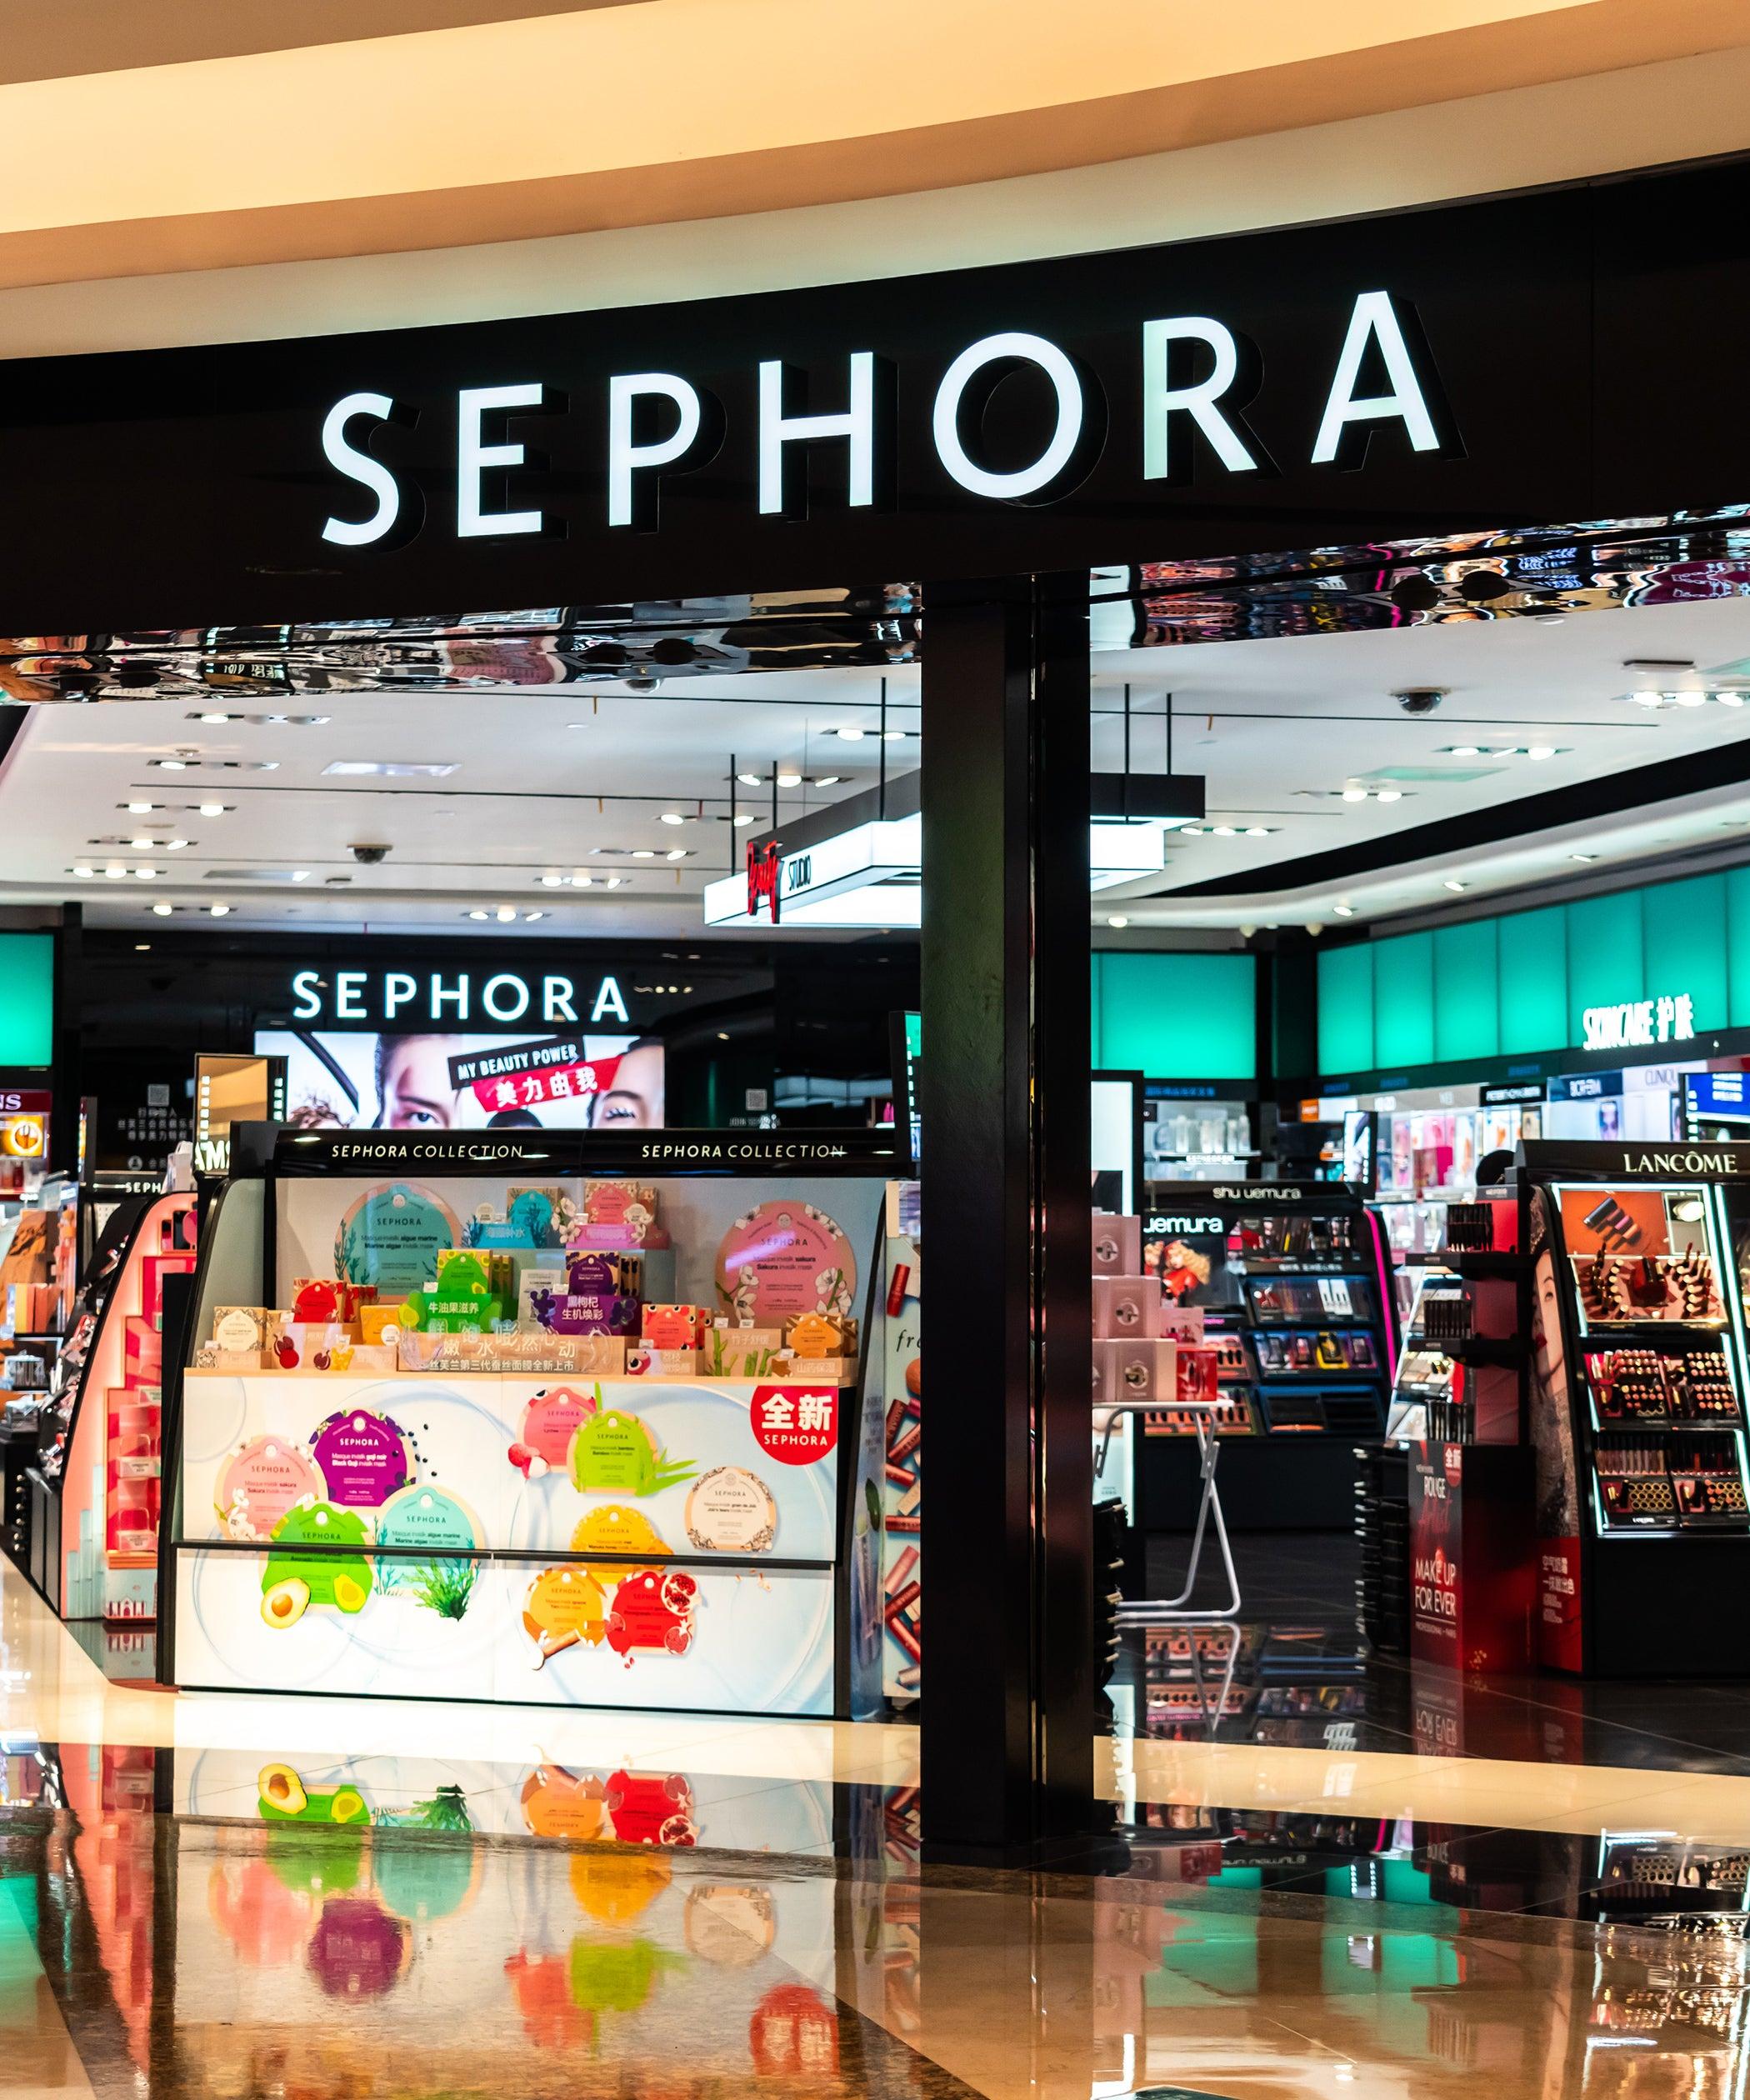 Sephoras Christmas Event Bag 2021 Sephora 20 Off After Christmas Sale Through January 1